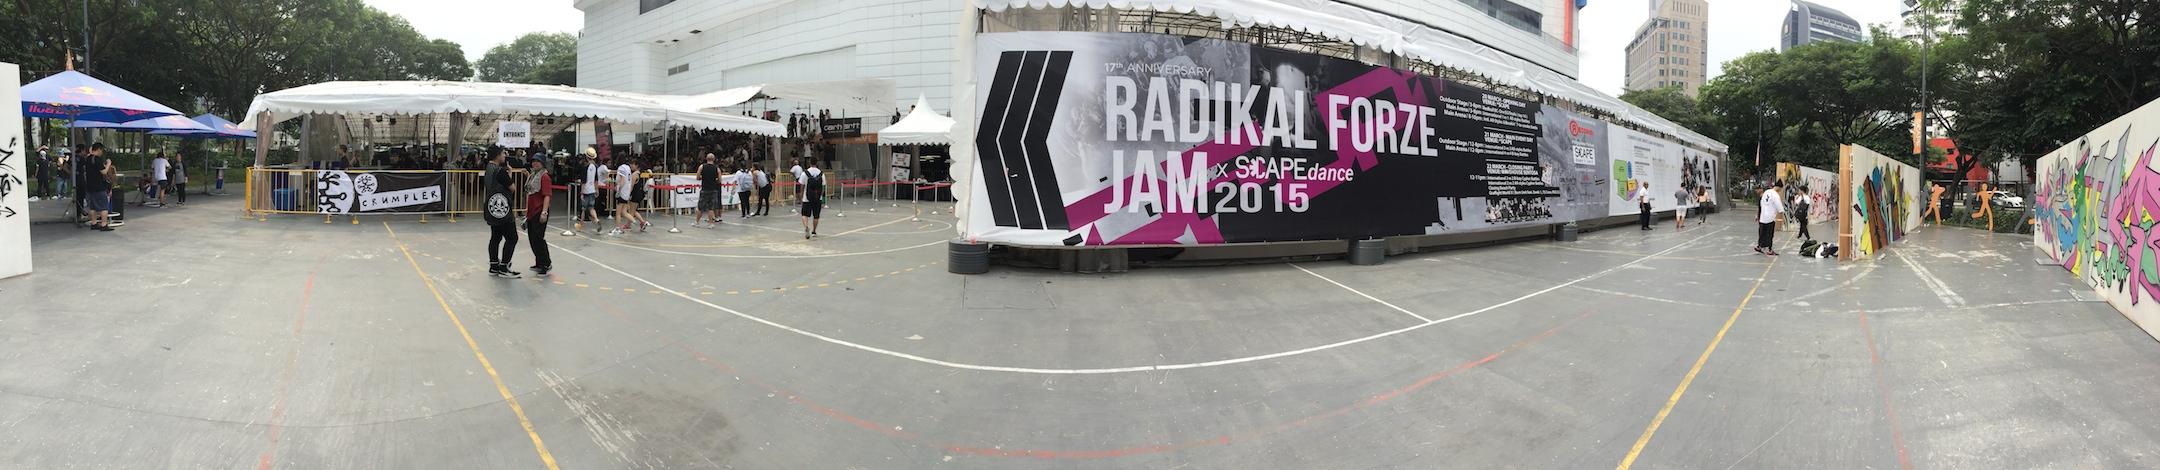 Report on Radikal Forze Jam 2015